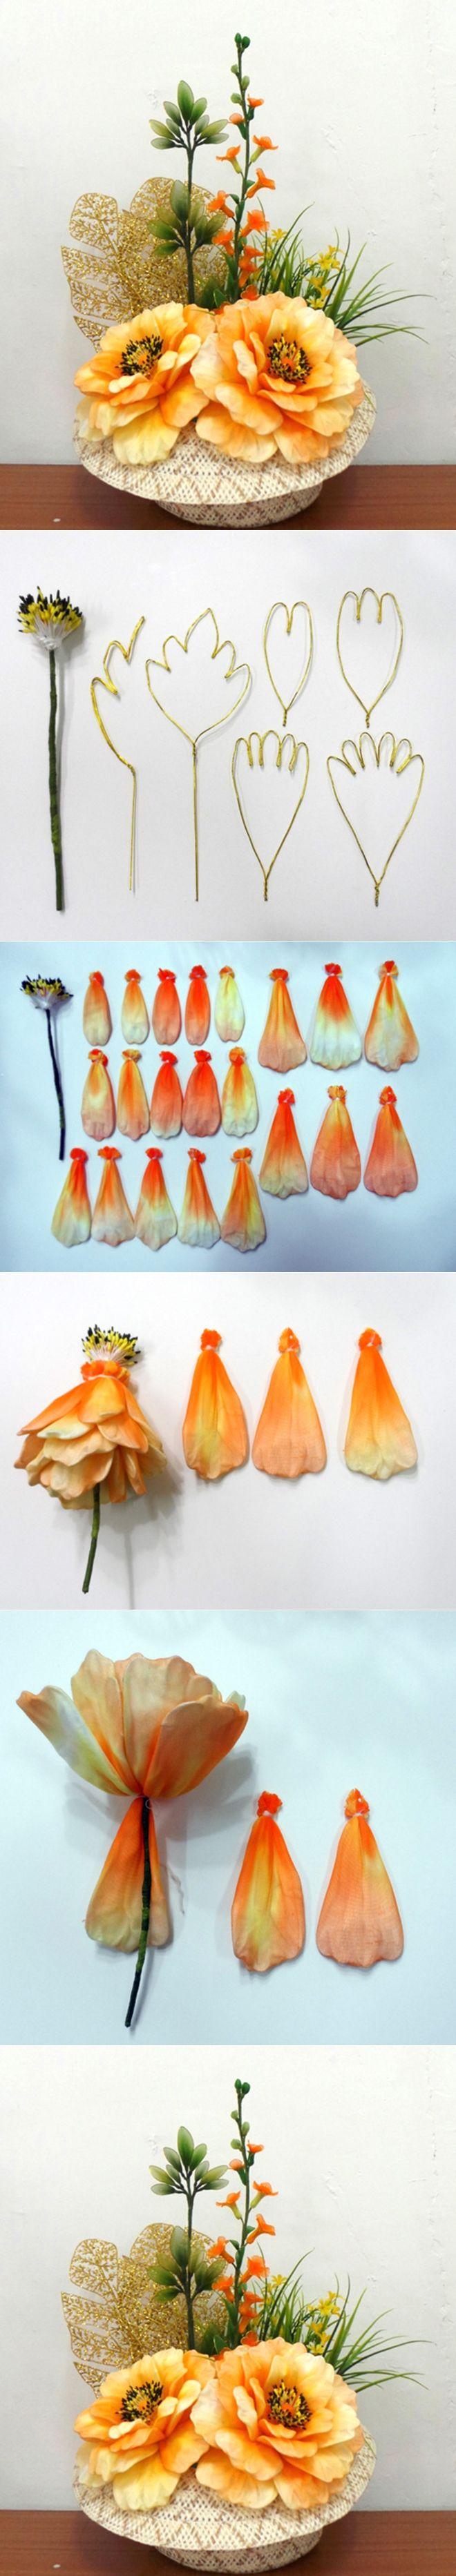 DIY Beautiful Nylon Peony Blossom - http://mistergandmecrafts.me/diy-beautiful-nylon-peony-blossom/